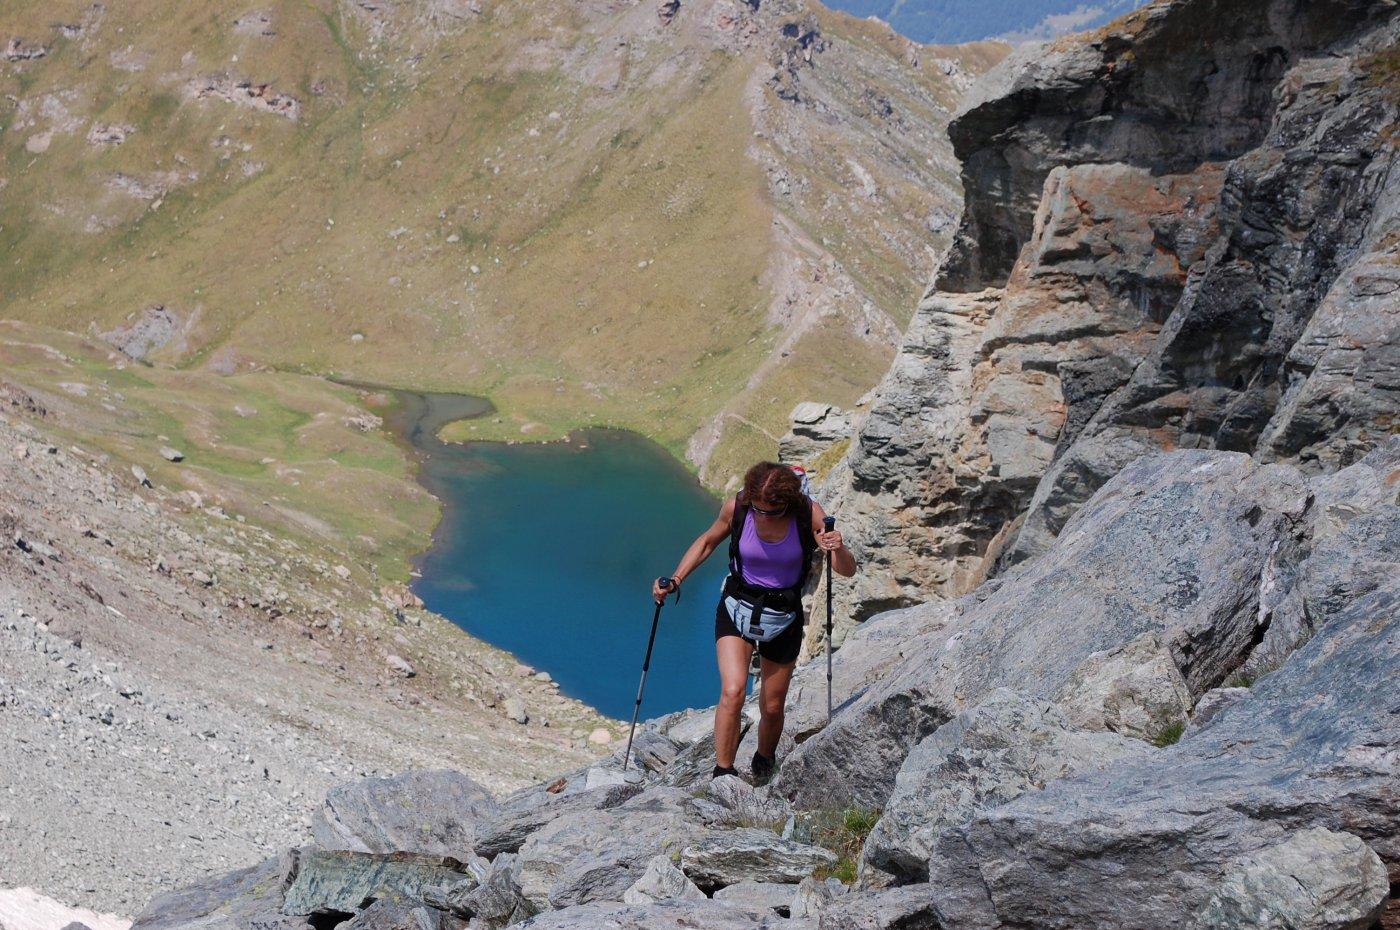 verso la cresta finale, tenendosi alti sul vallone. Sullo sfondo il Lago Perrin